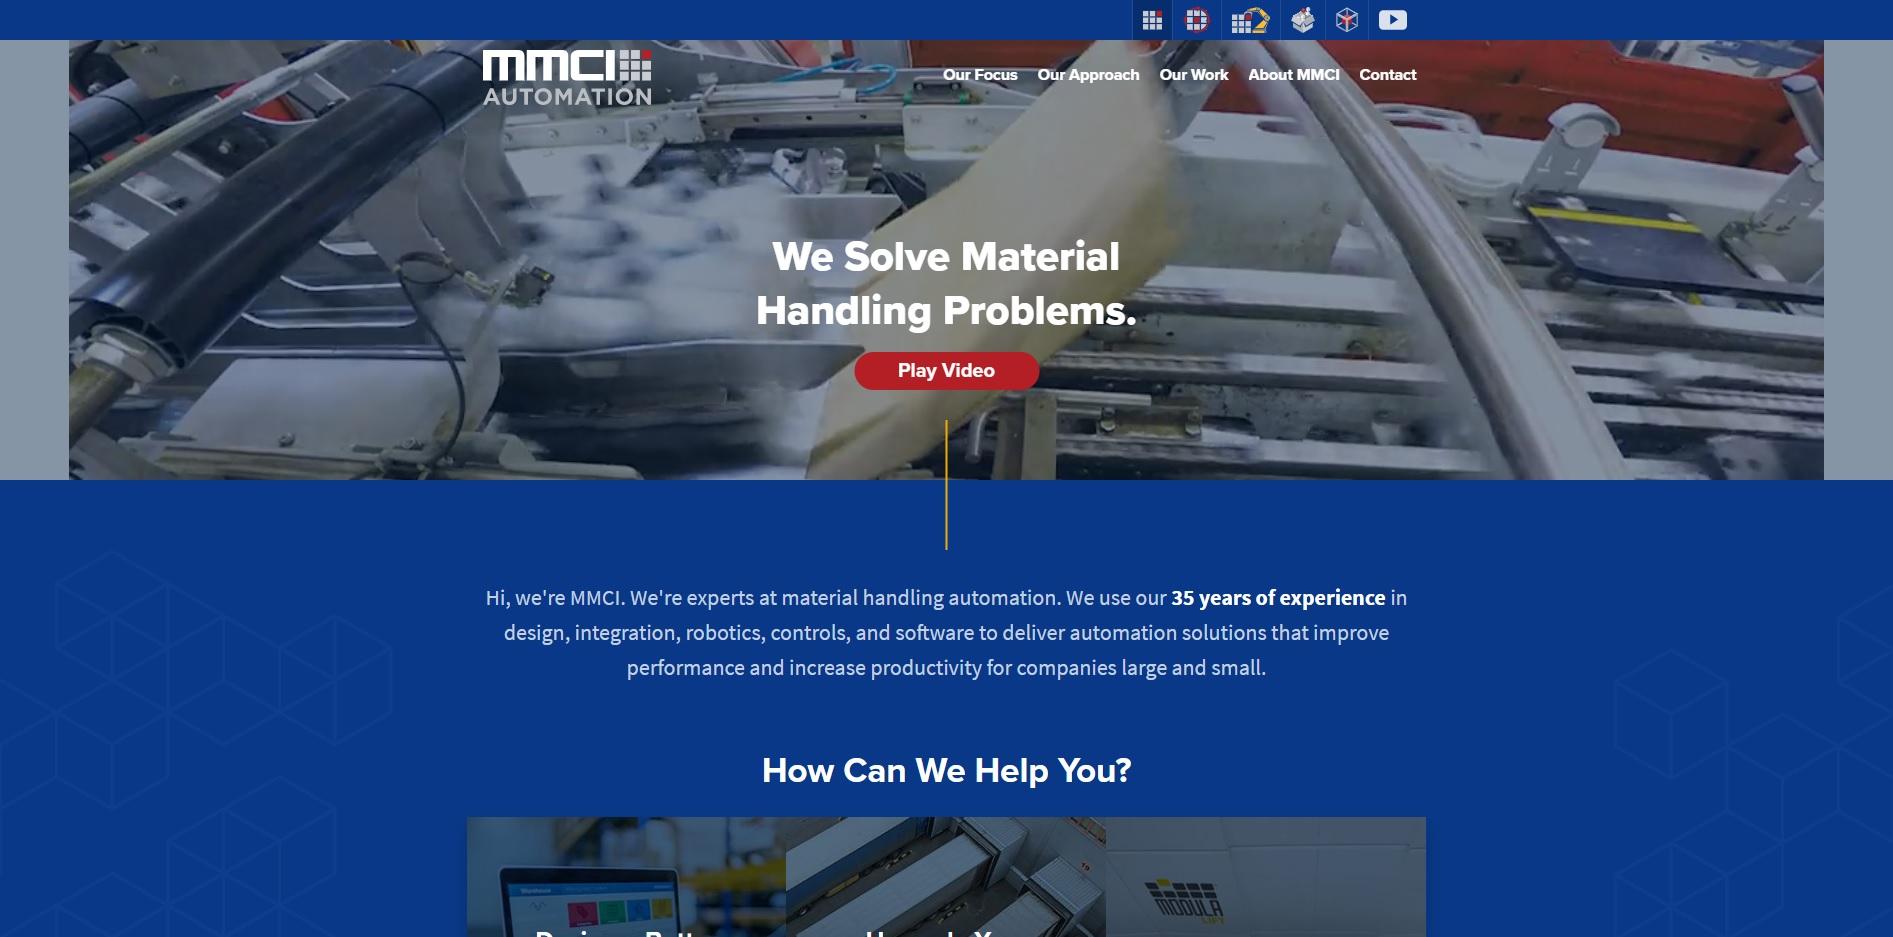 MMCI Automation